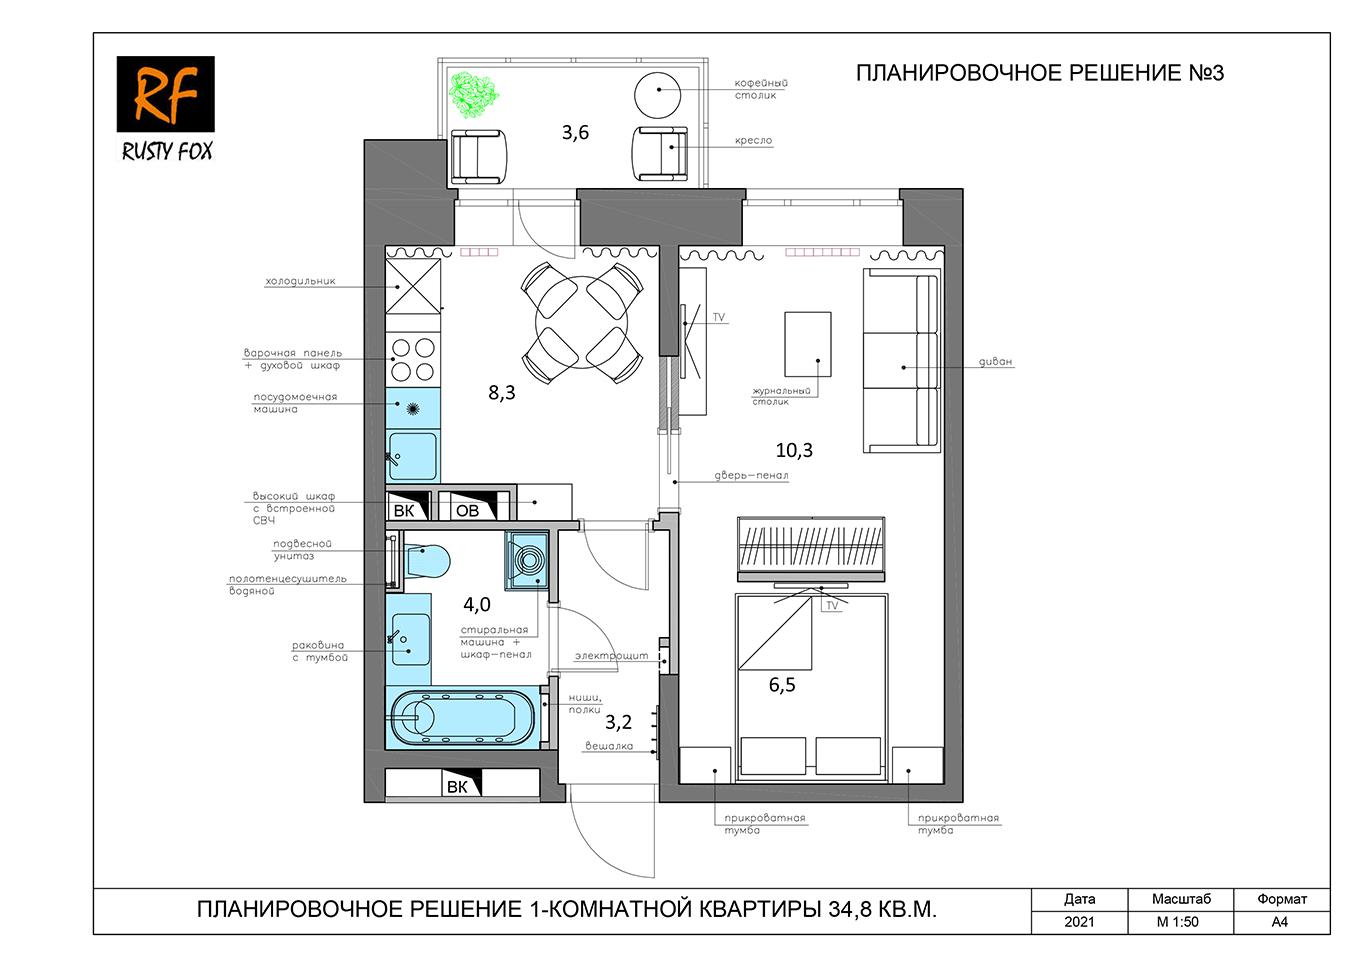 ЖК Люберцы корпус 52, секция 1. Планировочное решение №3 1-комнотной квартира 34,8 кв.м.